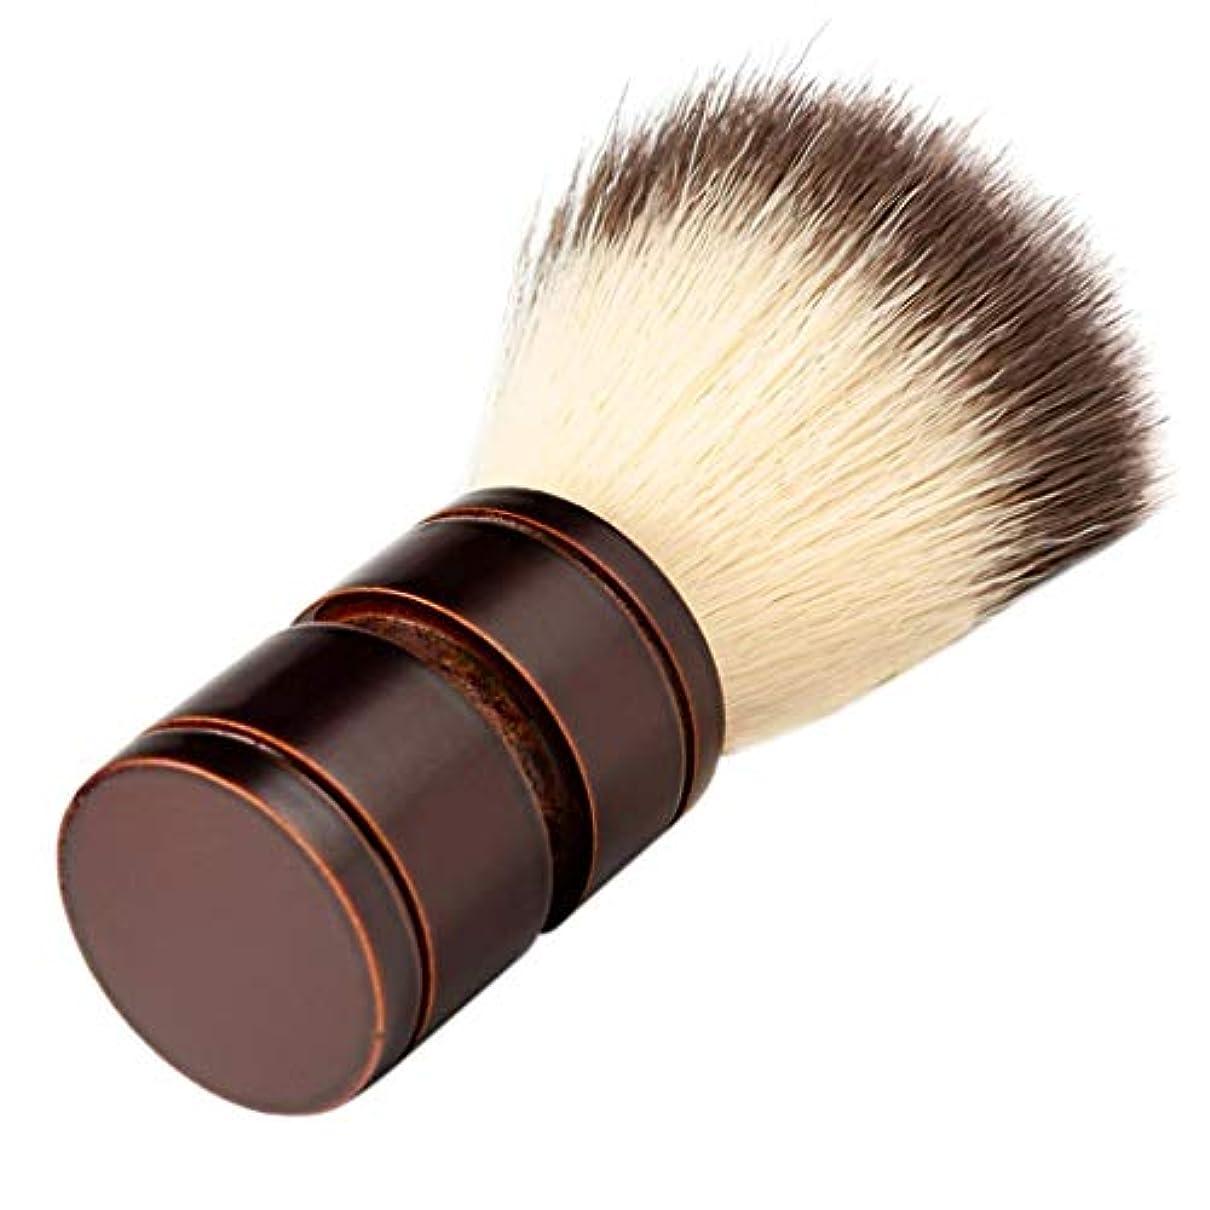 プレフィックスアイドル警官ひげブラシ シェービングブラシ ひげ剃り 柔らかい 髭剃り 泡立ち 理容 美容ツール